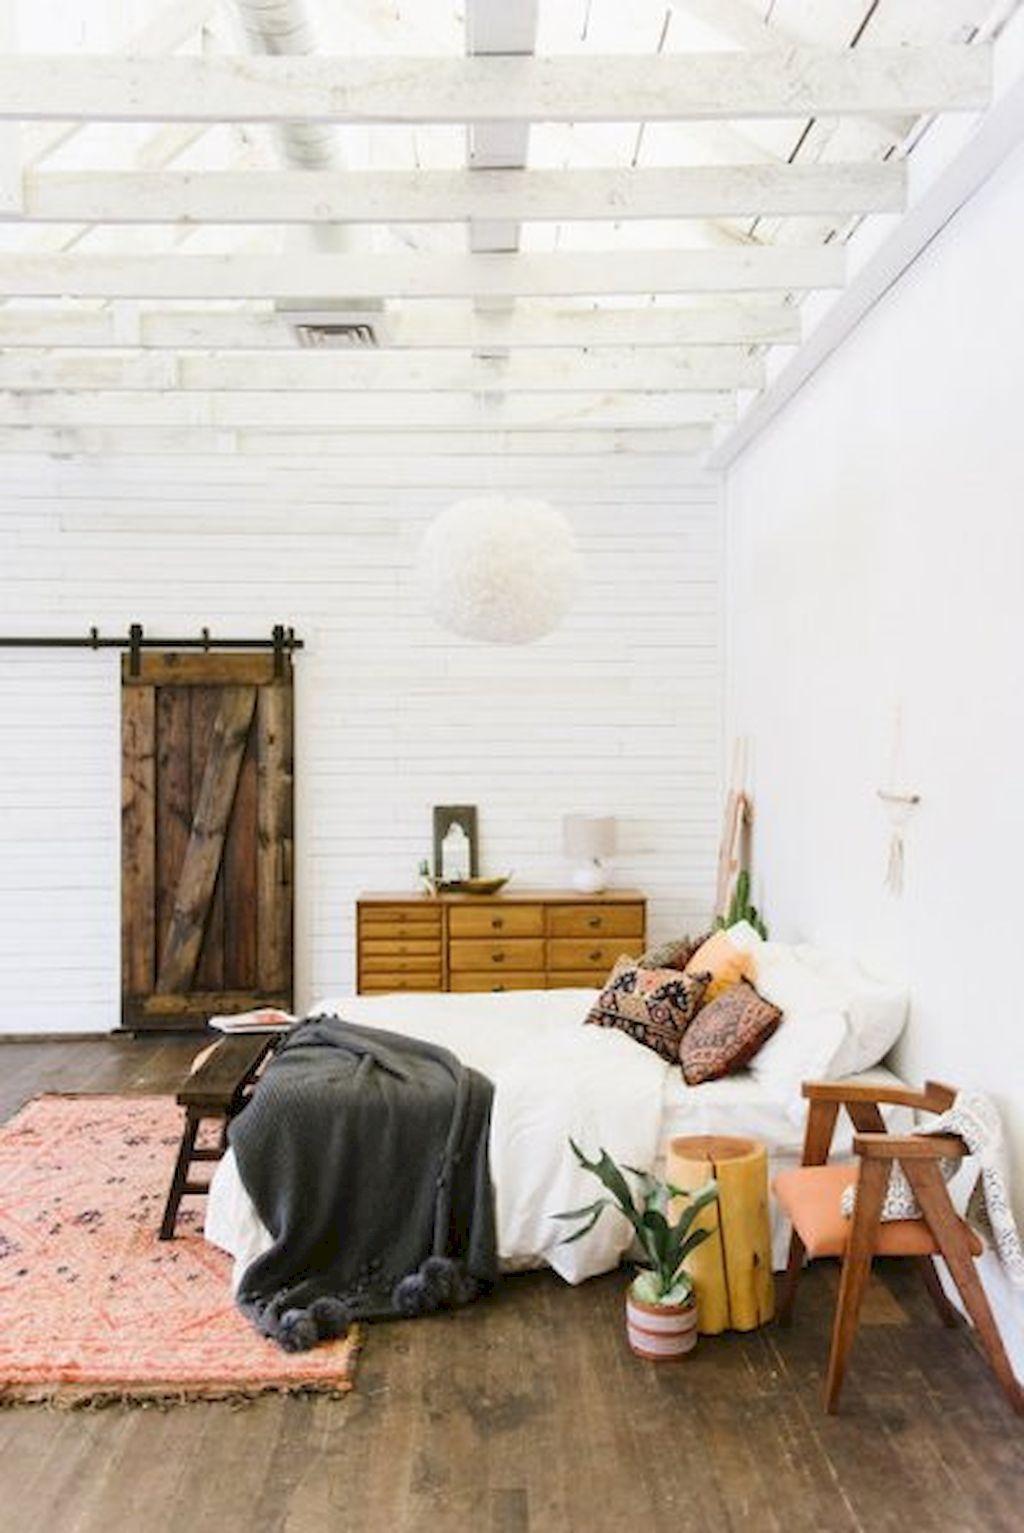 70 Simple Minimalist Bohemian Bedroom Design on A Budget ... on Bohemian Bedroom Ideas On A Budget  id=96067